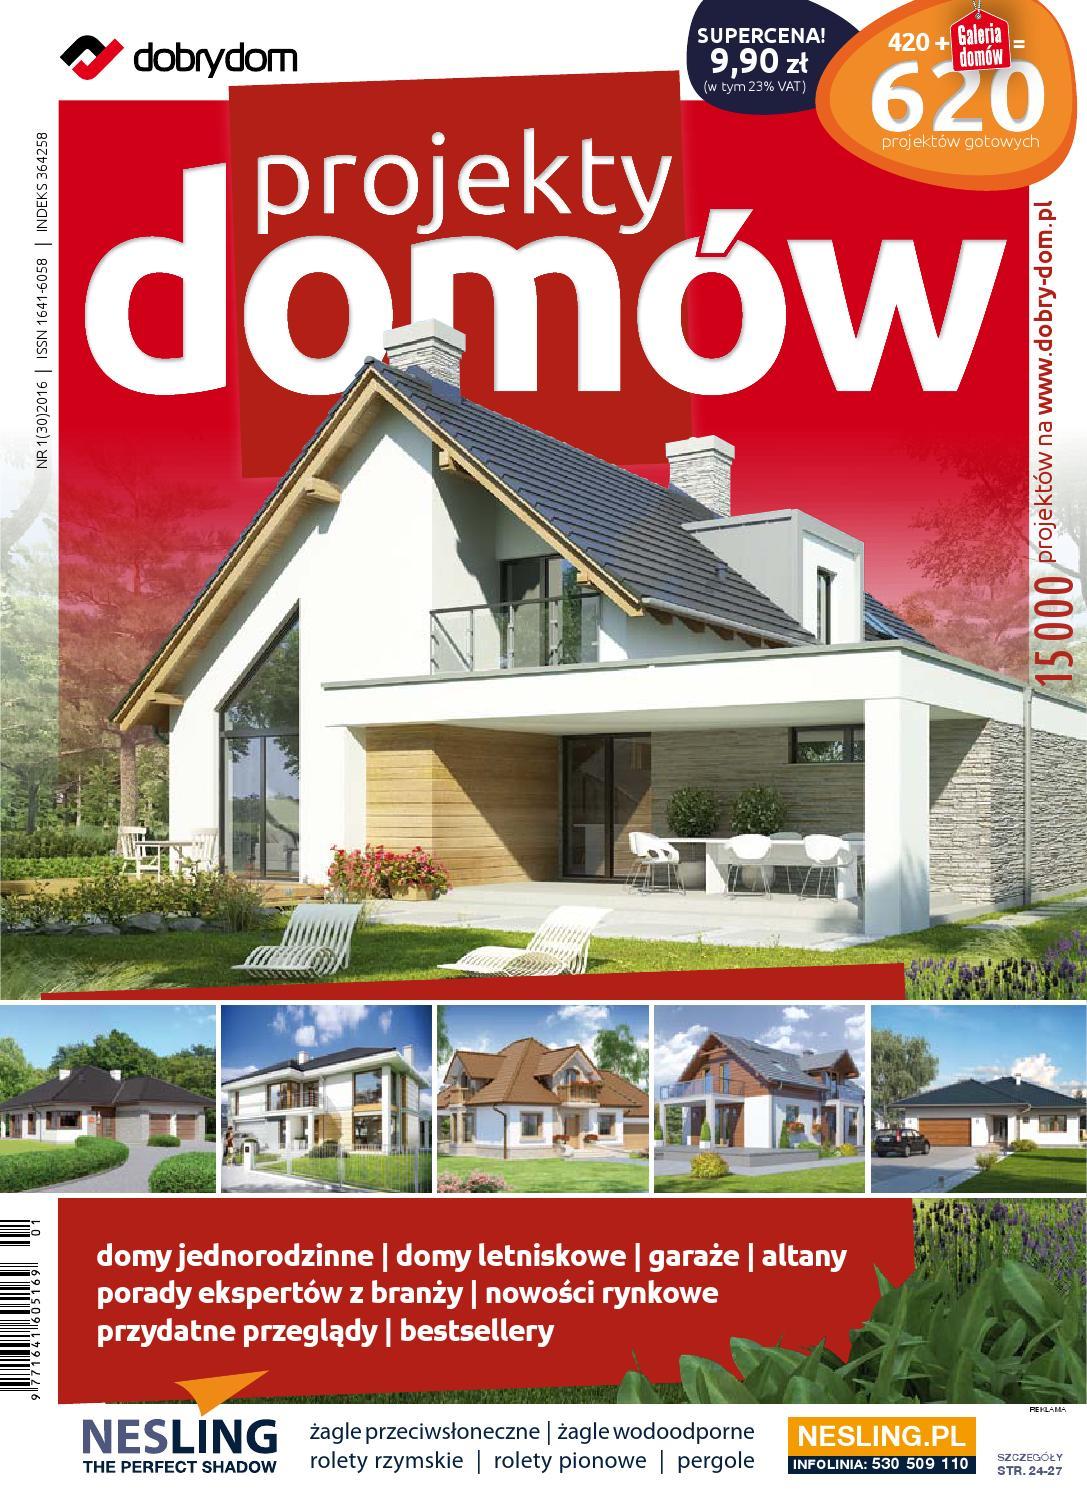 Projekty Domów 30 Cz1 By Dobry Dom Issuu